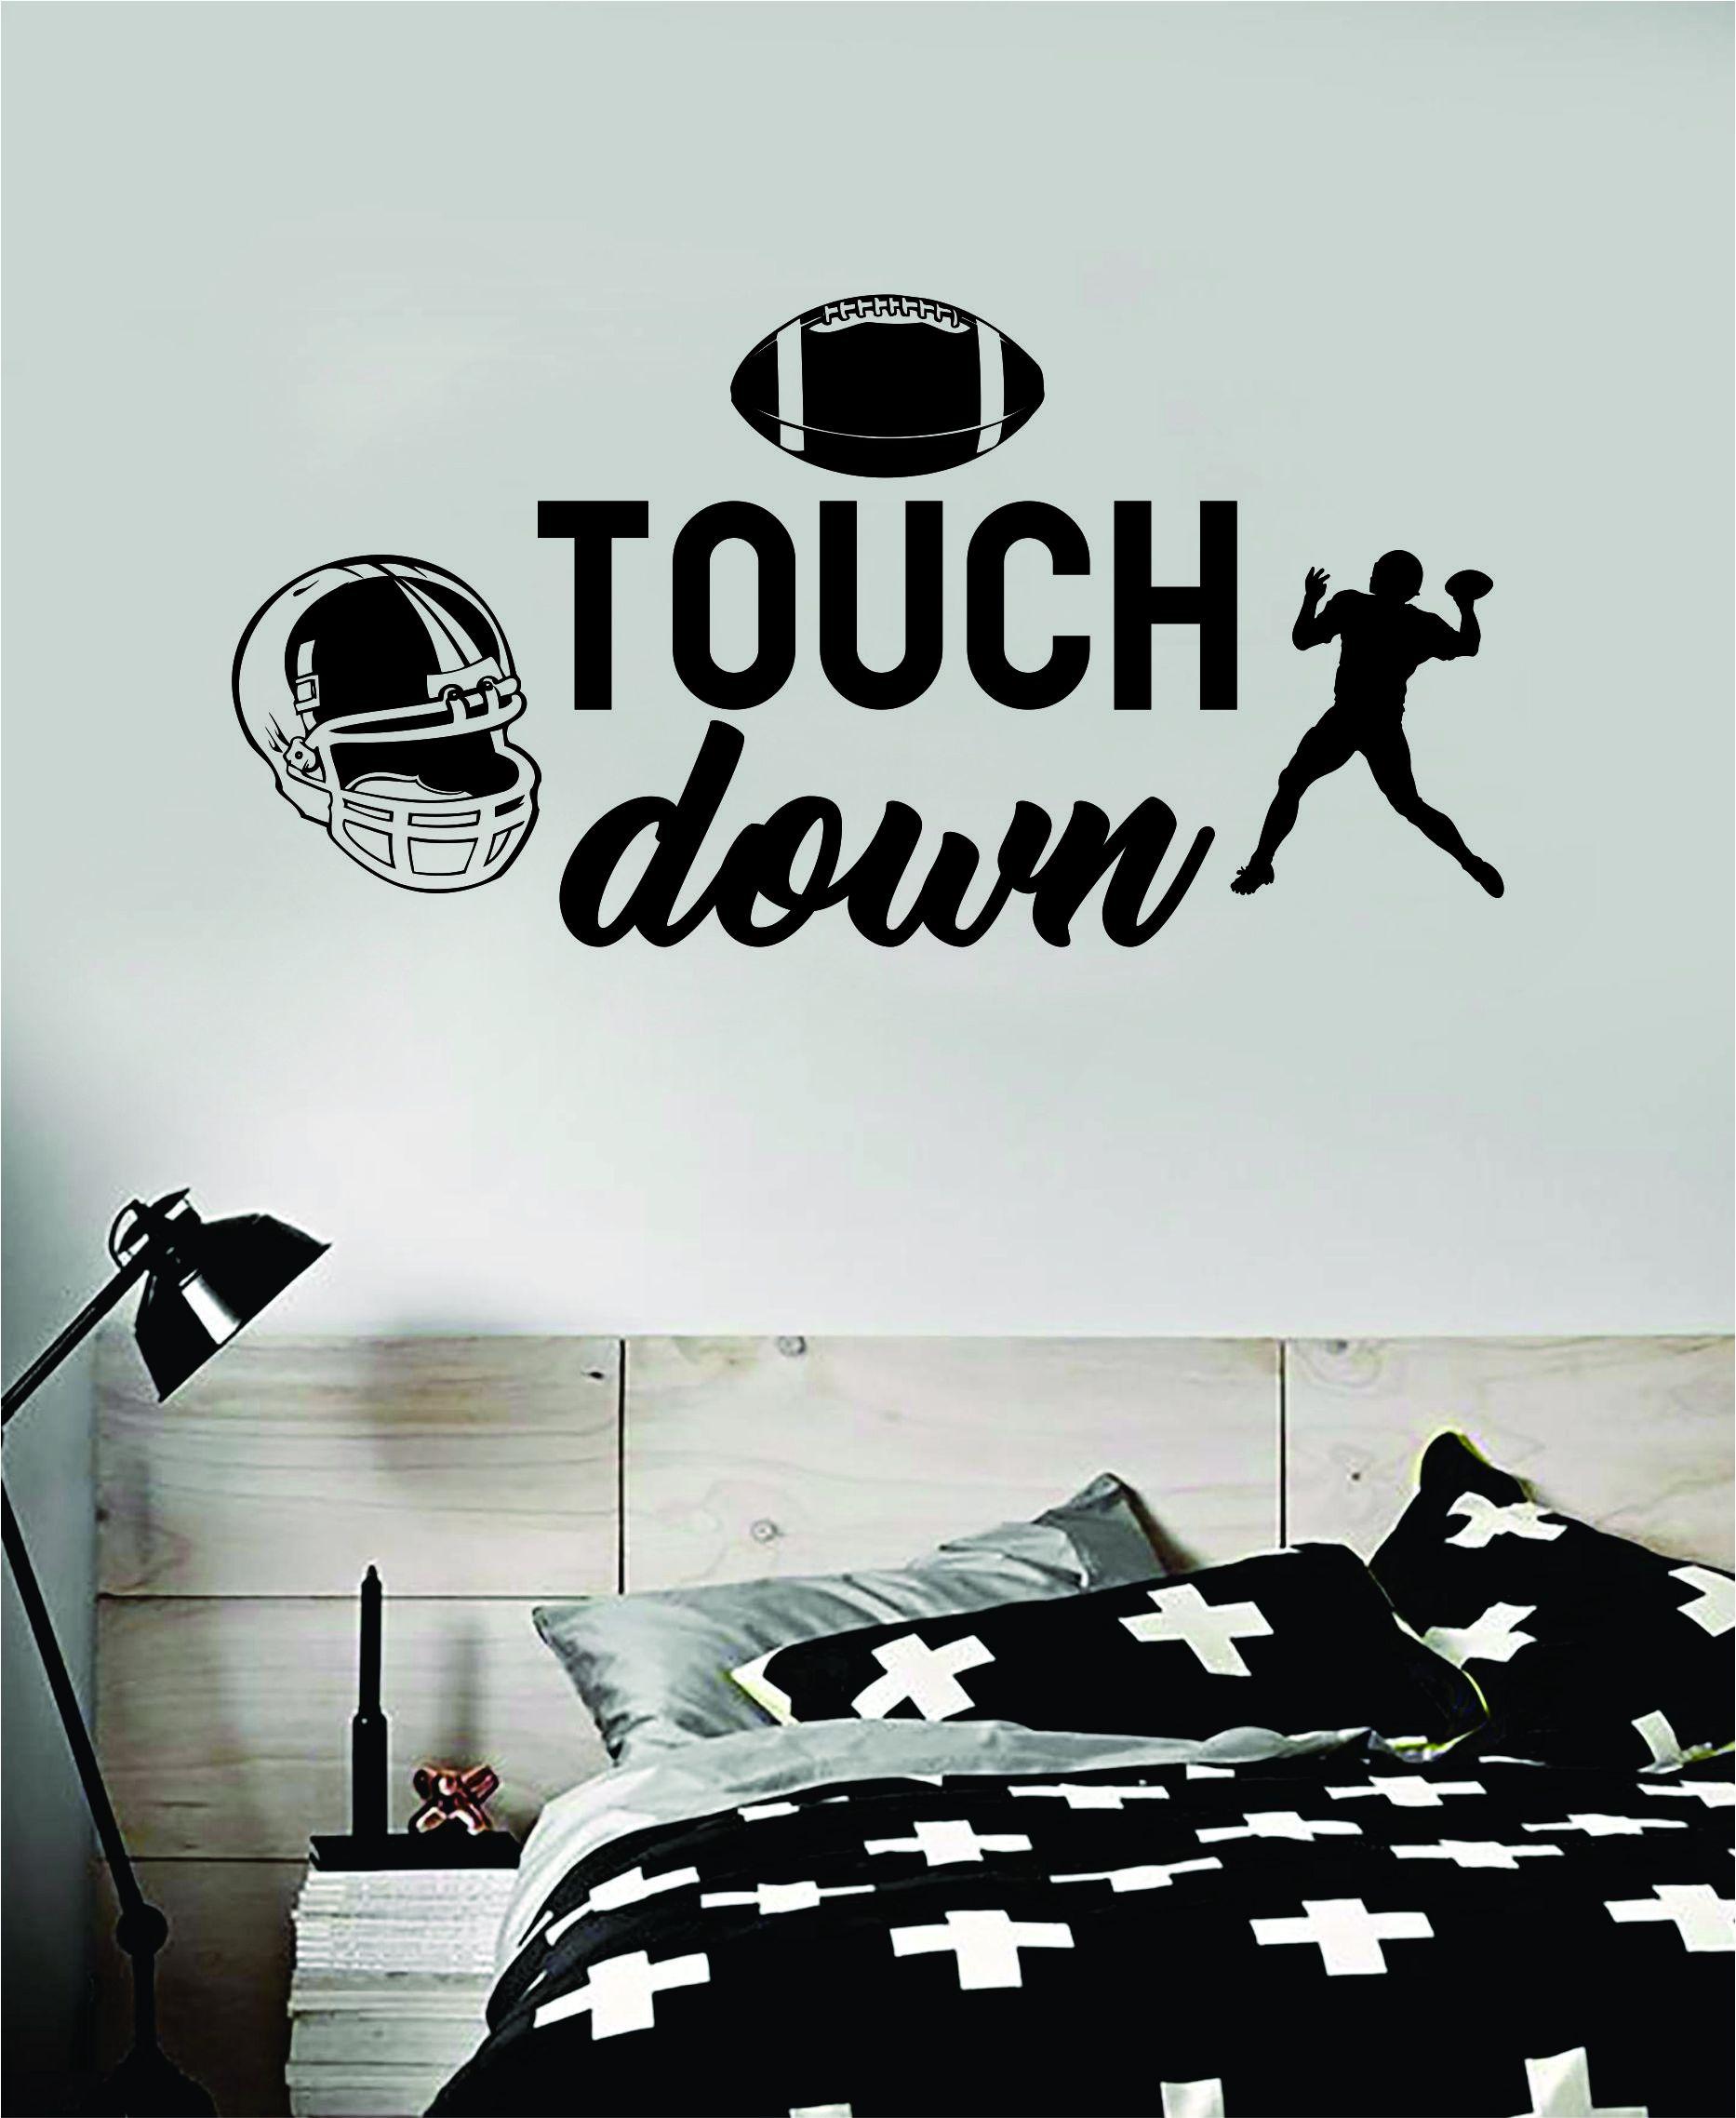 Touchdown Football Quote Decal Sticker Wall Vinyl Art Home Decor Inspirational Sports Teen American Kids - gold